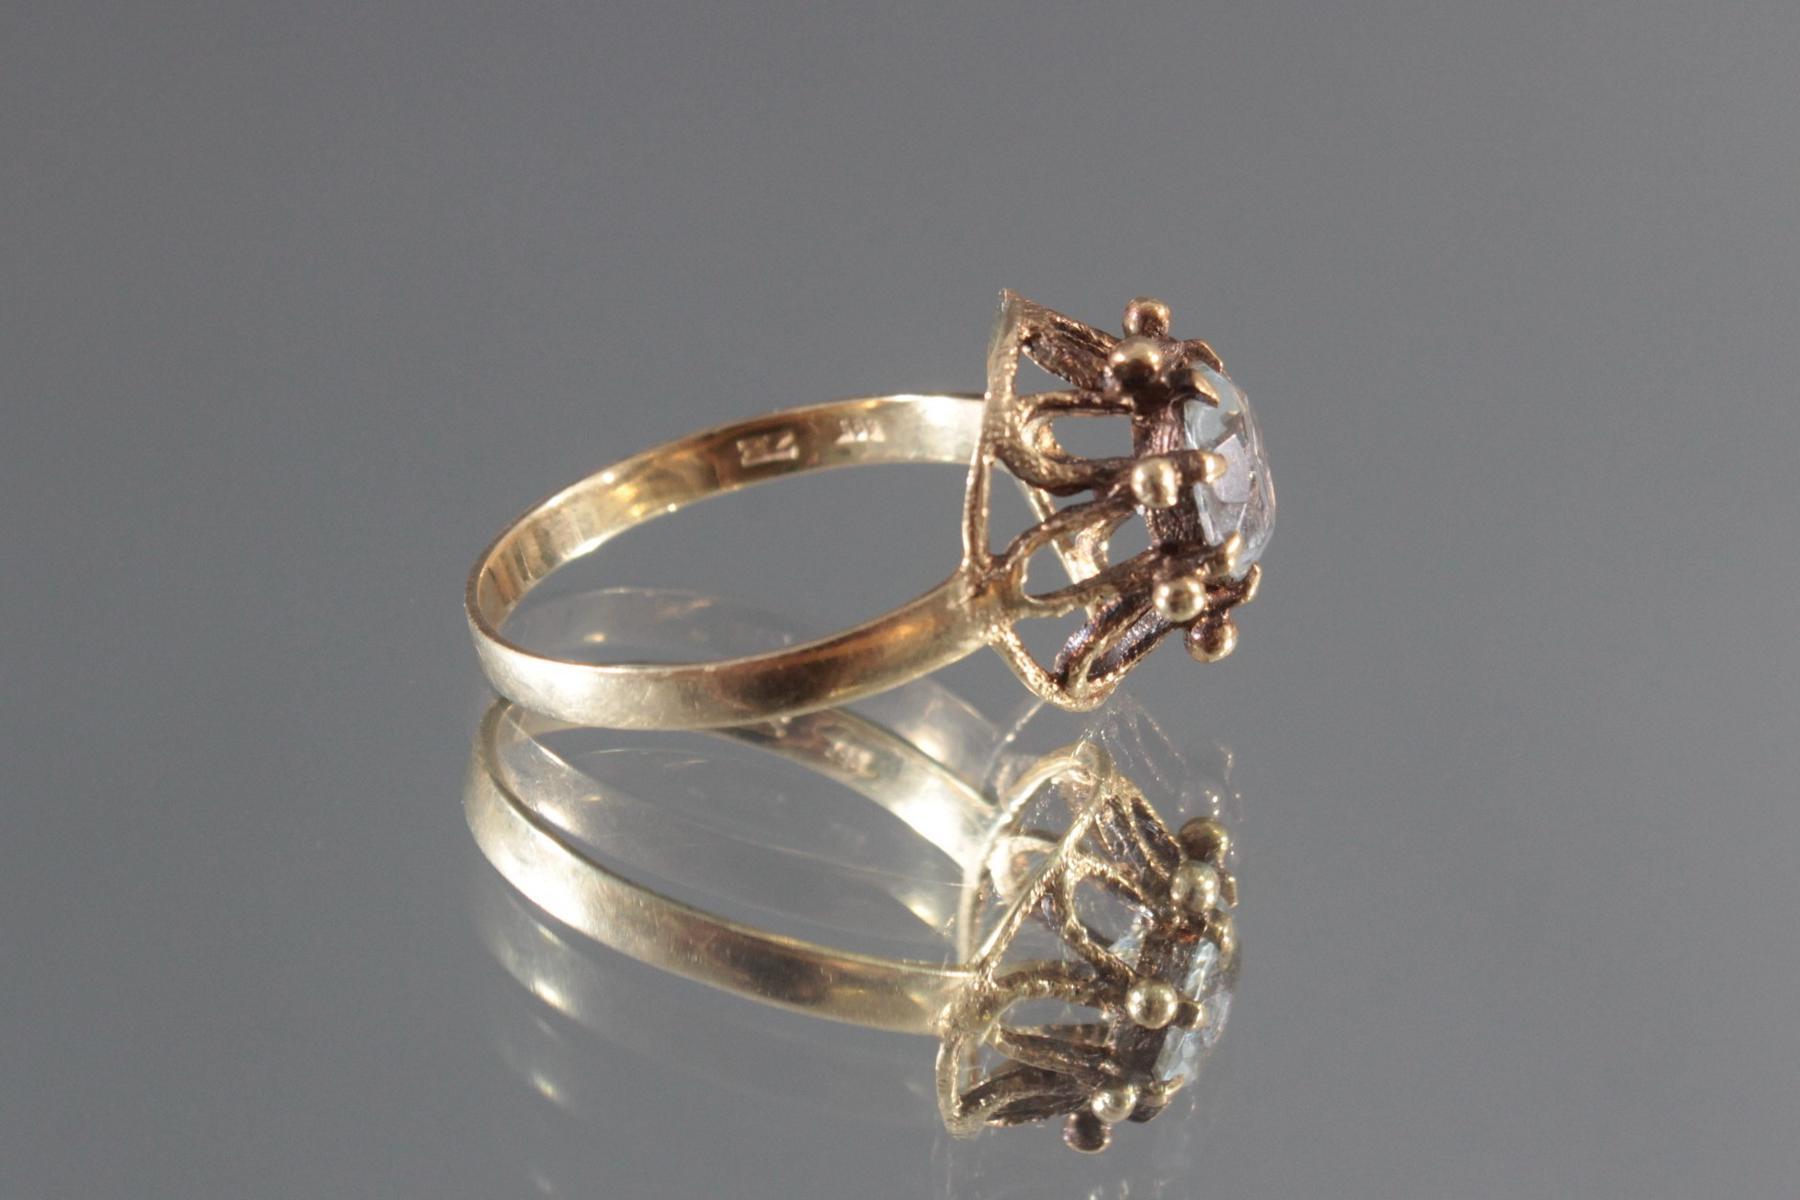 Antiker Damenring mit Zirkonia im Diamantschliff, 14 Karat Gelbgold-3